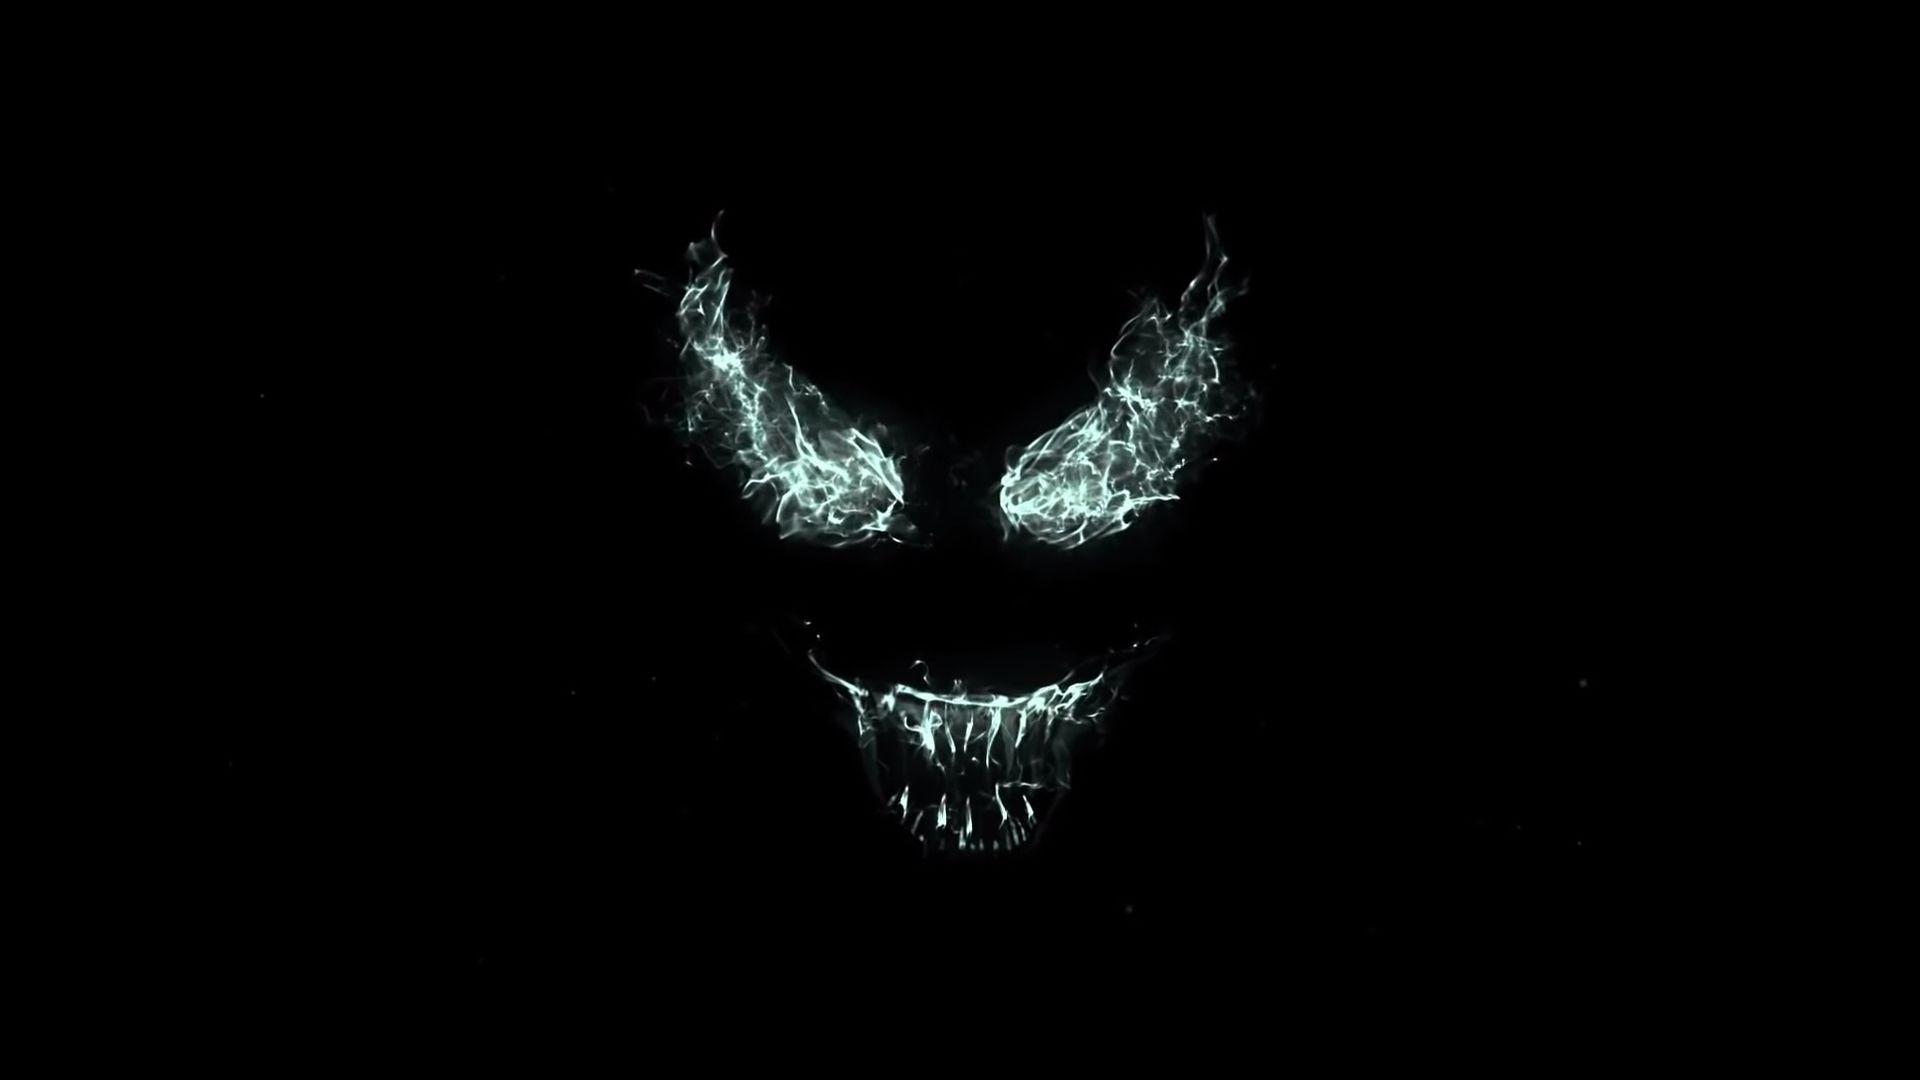 venom movie downloads, venom movie download hd